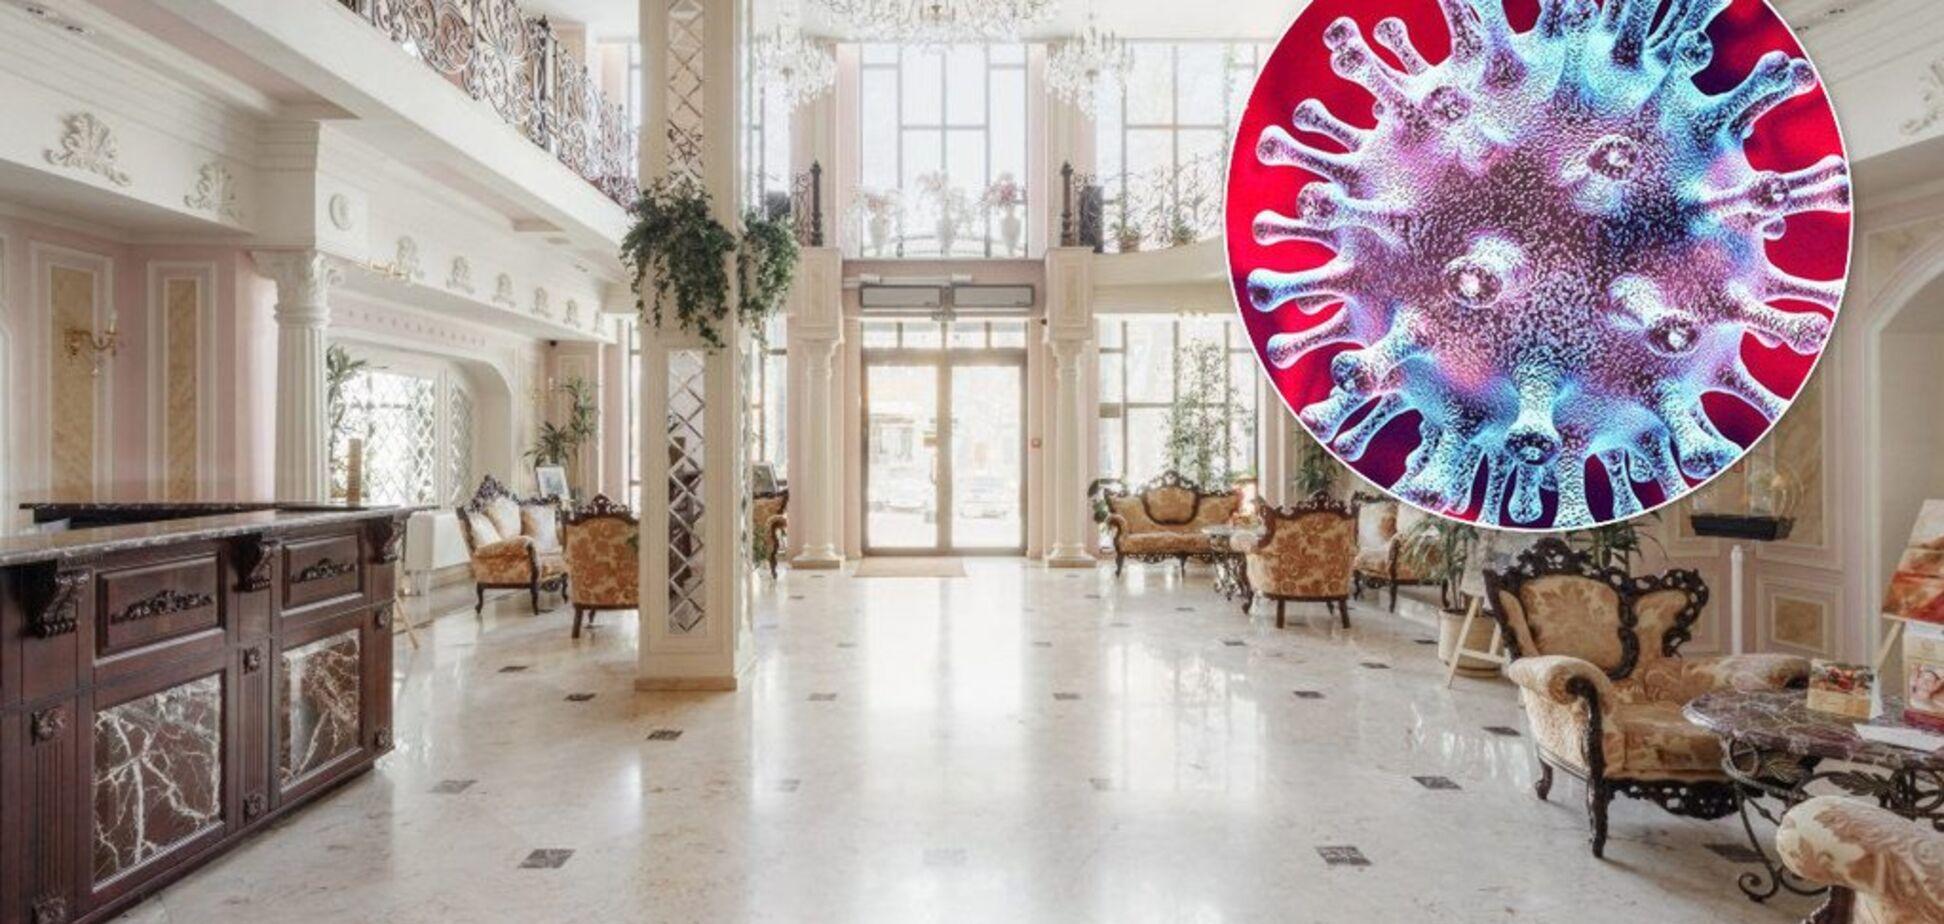 Бояться коронавірусу: в Одесі в готелі заборонили здавати номери китайцям